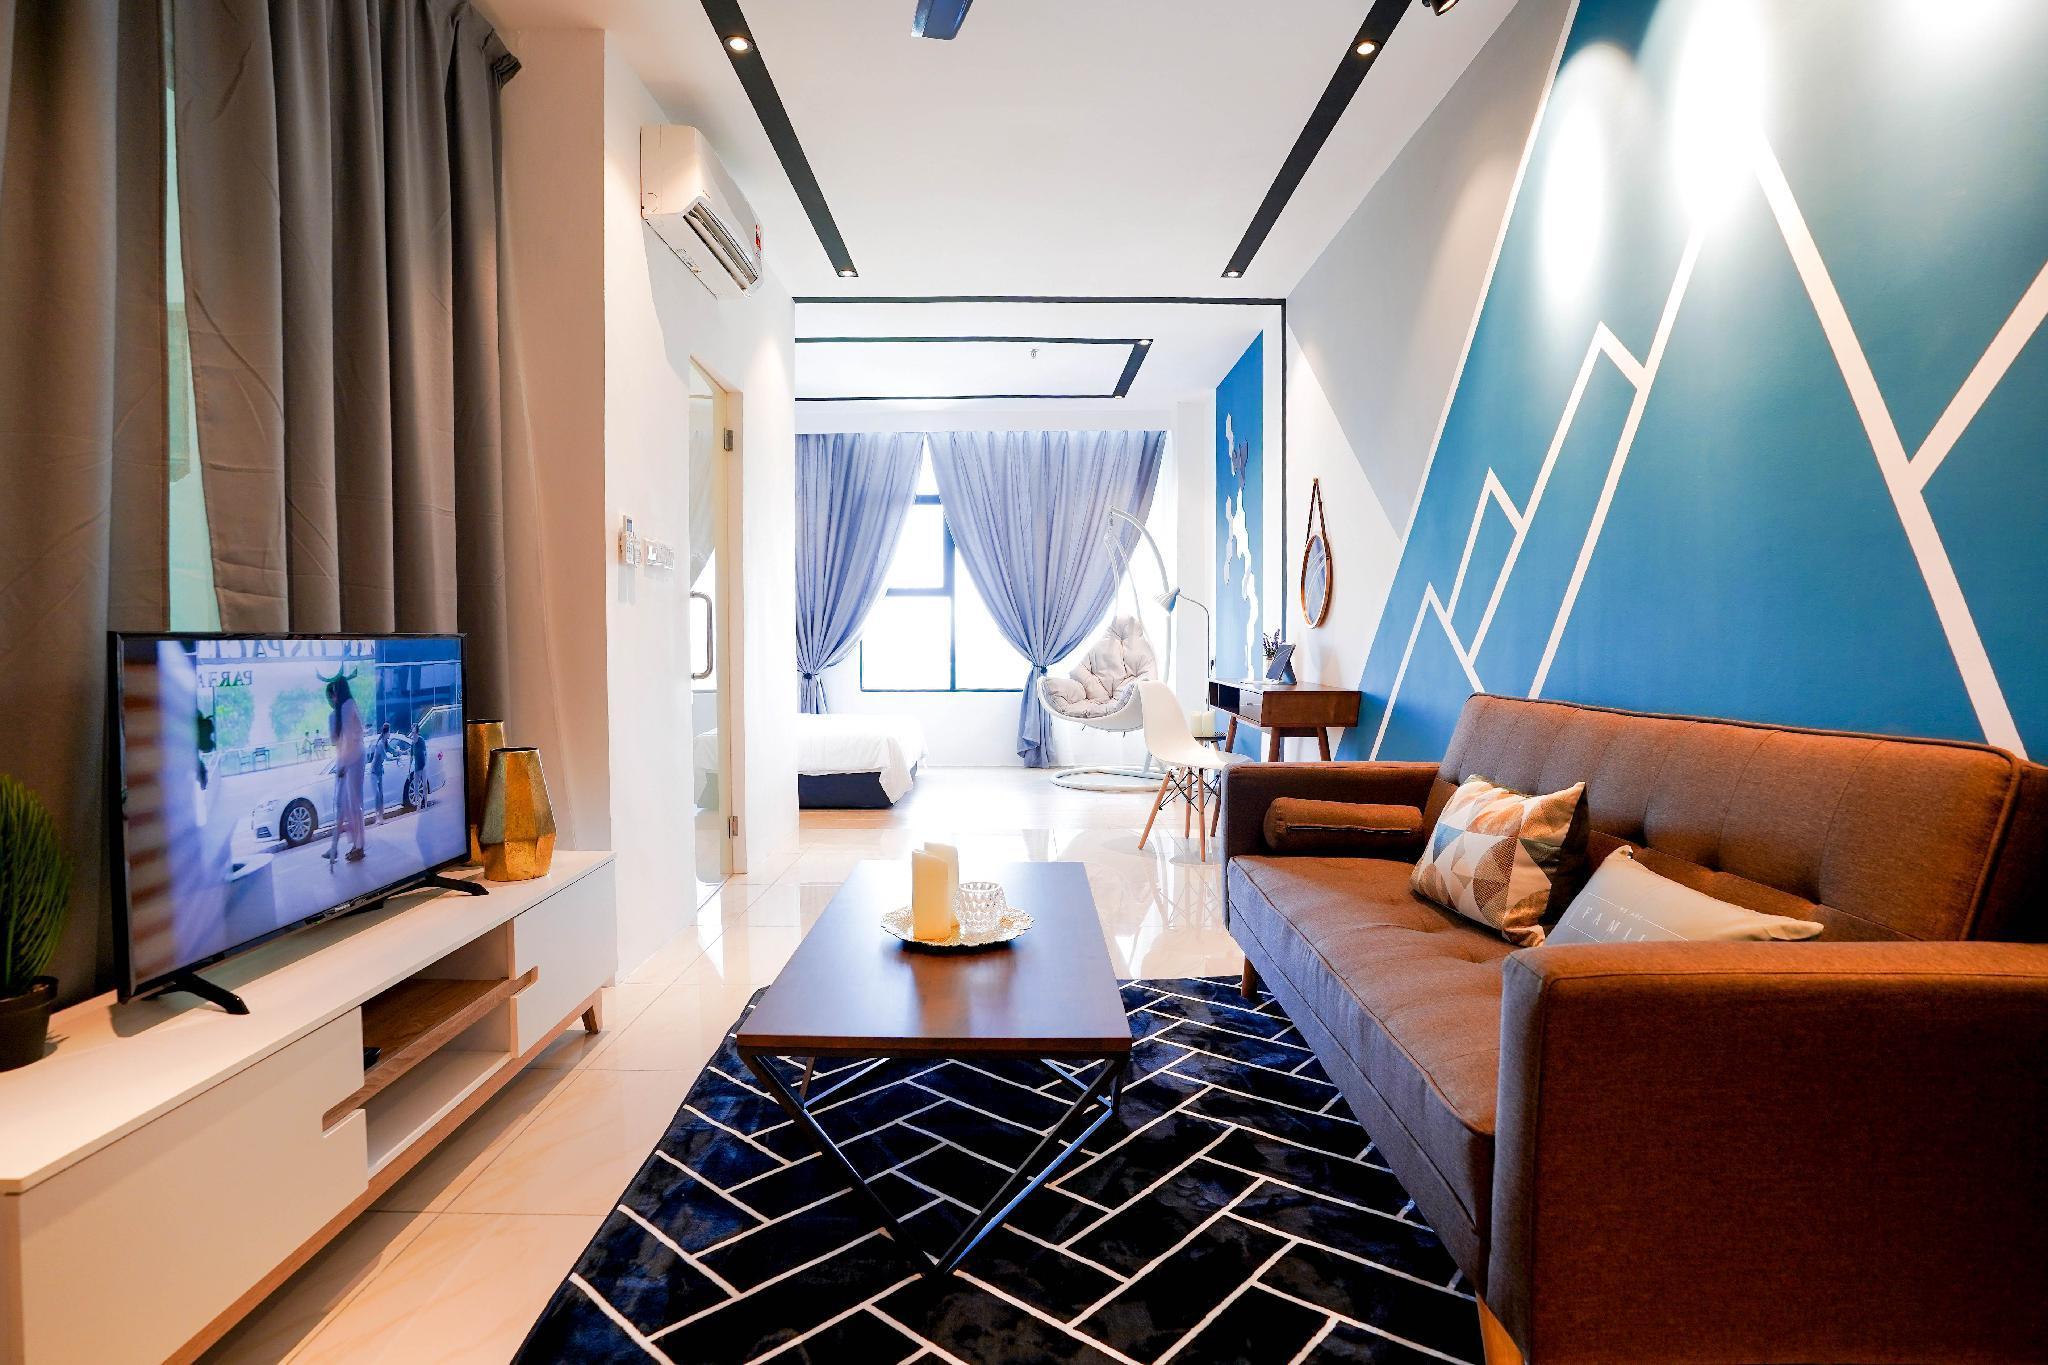 Pinstay Biru Suites @ ITCC Manhattan Suites